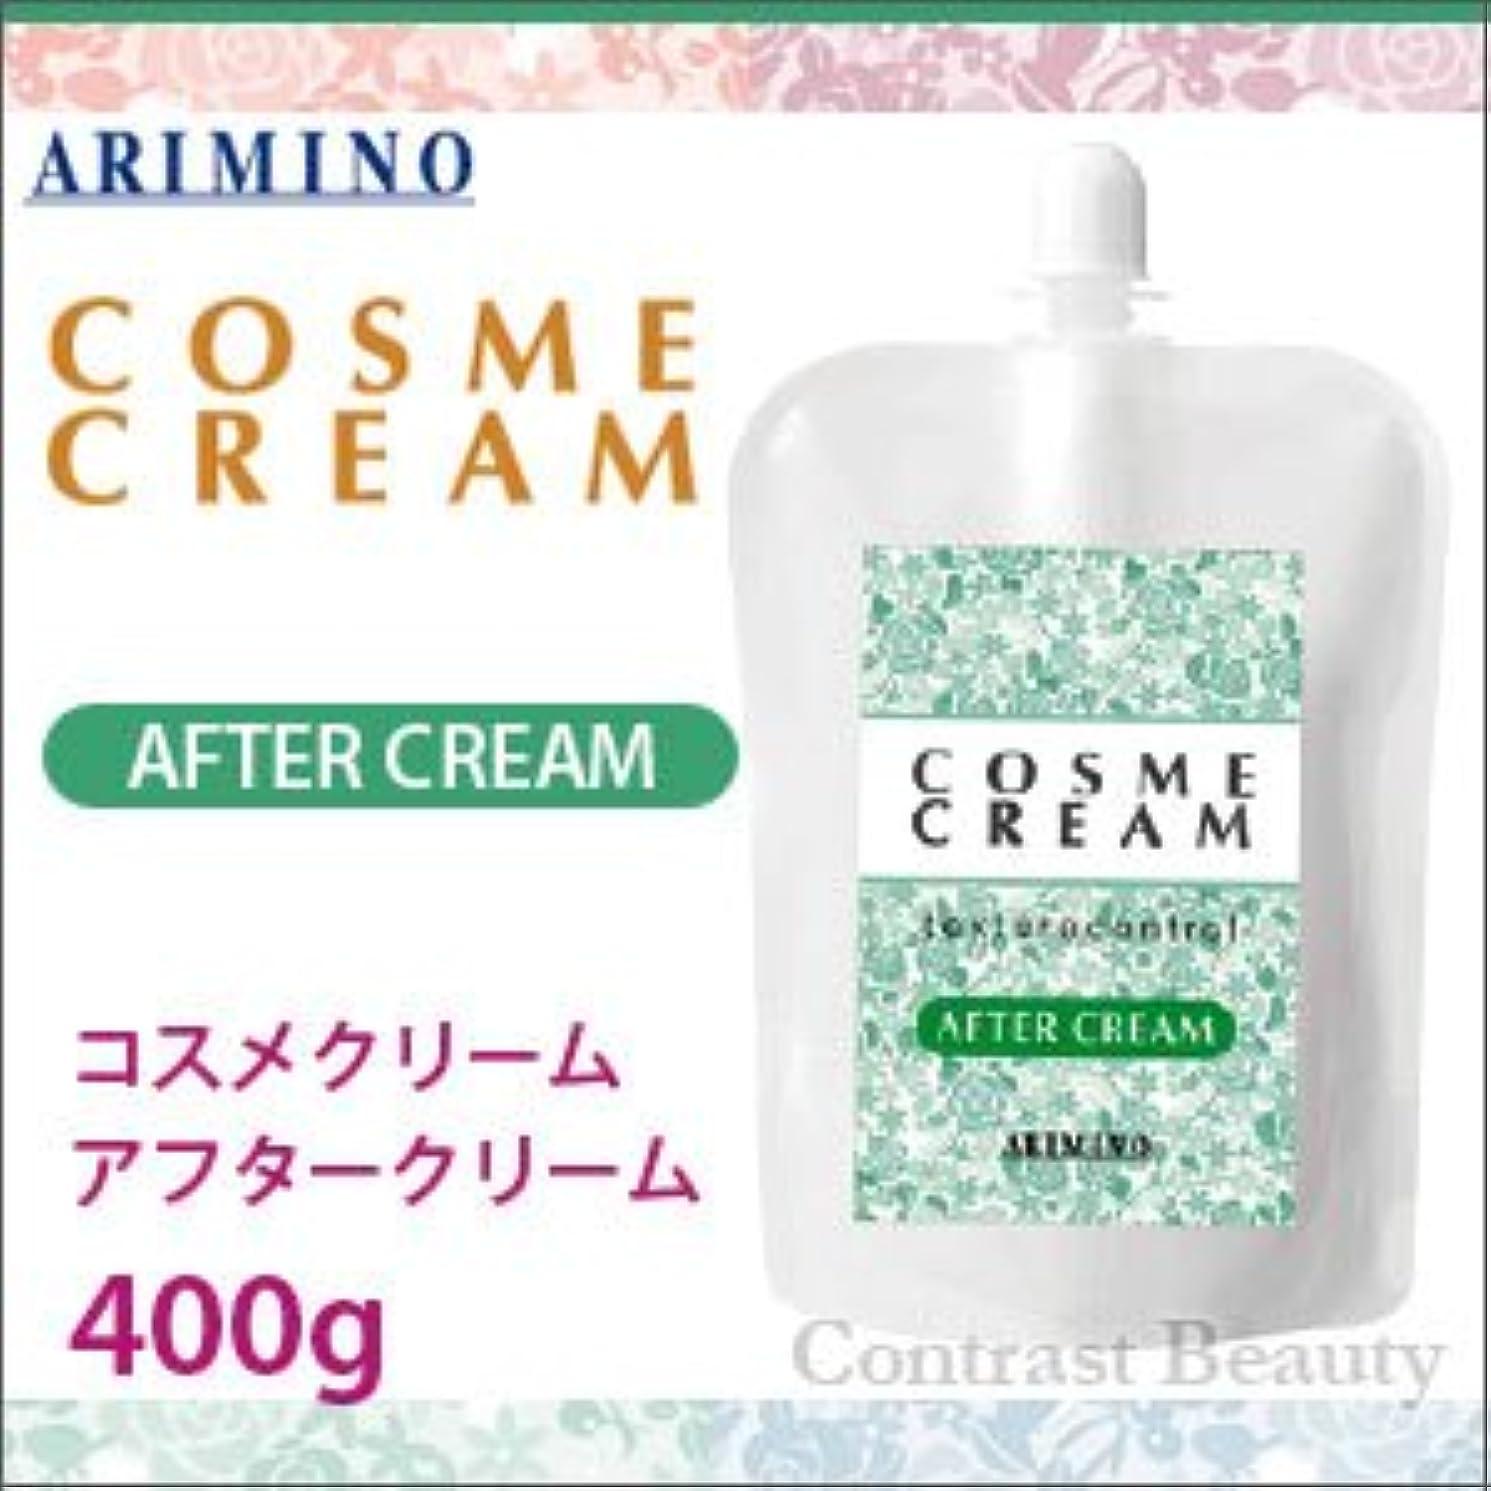 追い出す同情的フォーラムアリミノ コスメクリーム アフタークリーム 400g